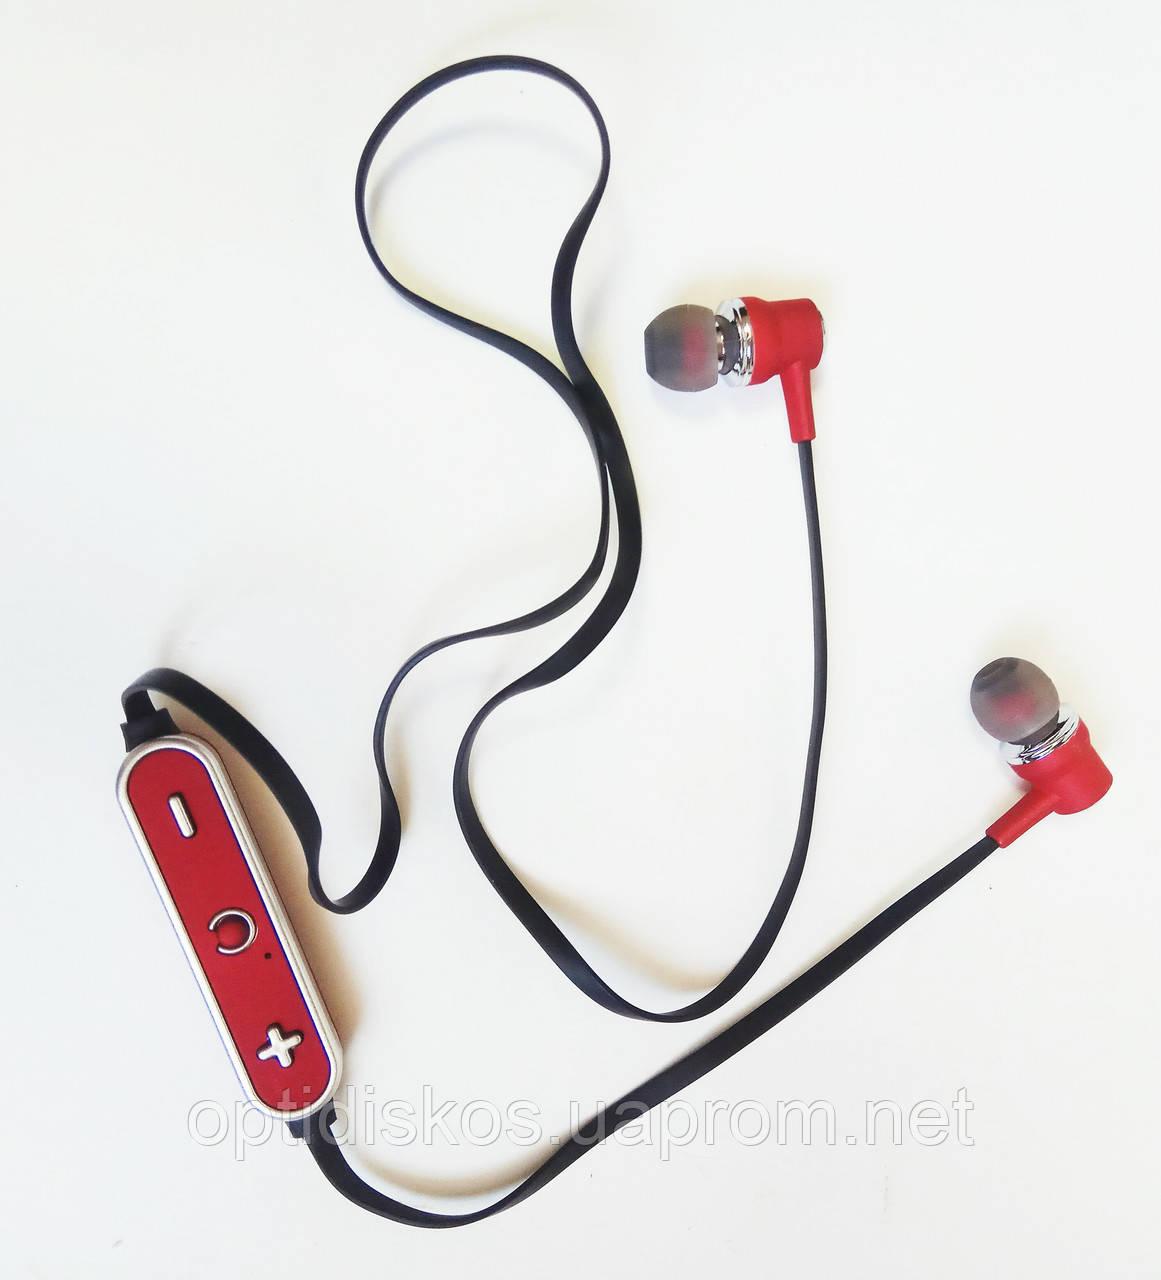 Беспроводные bluetooth наушники с микрофоном, SQ-BT08